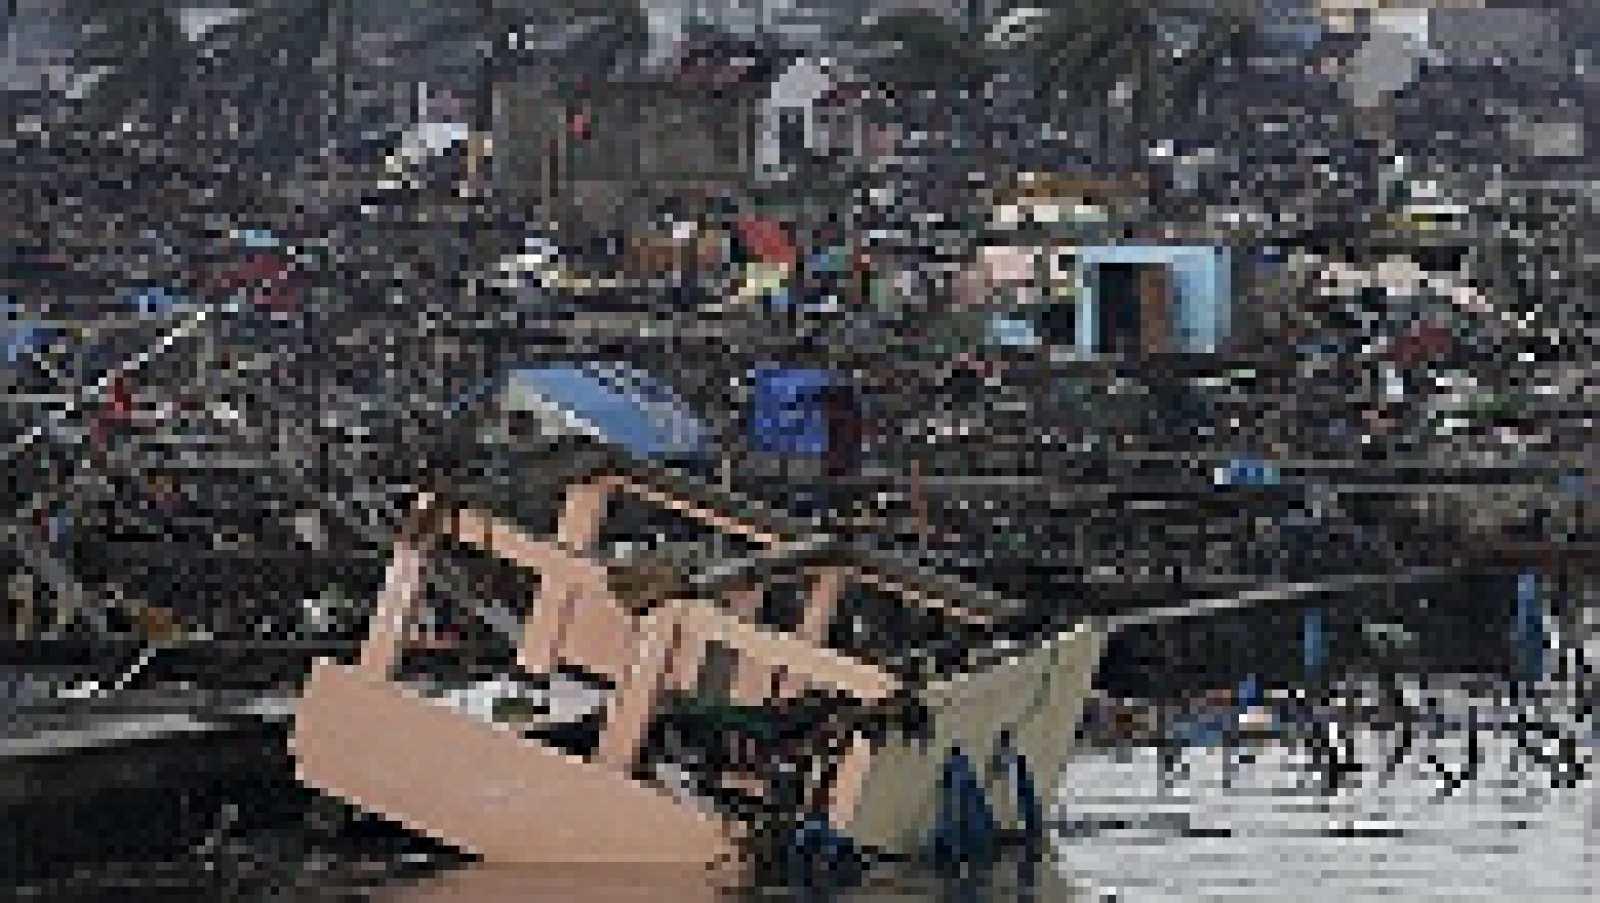 Cooperación pública en el mundo - Filipinas, respuesta española a los desastres naturales - 16/02/15 - Escuchar ahora